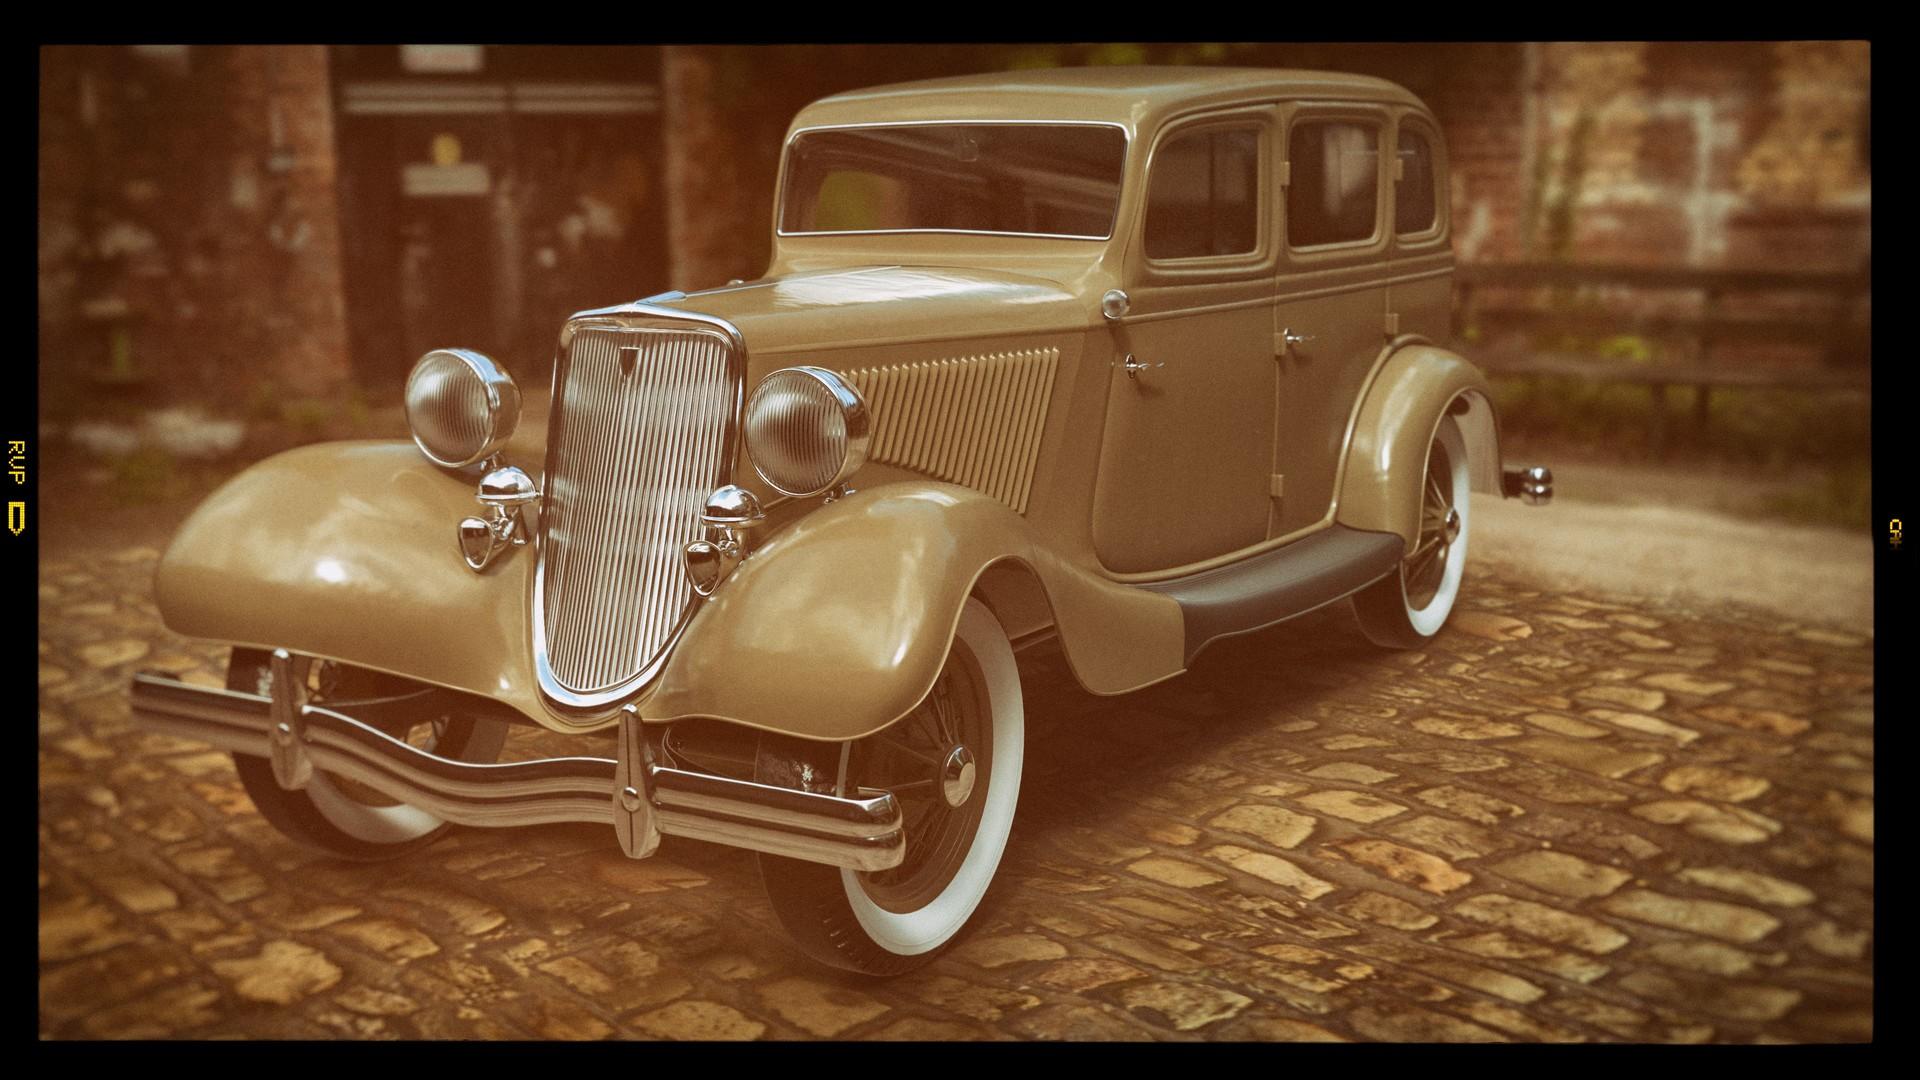 artstation ford model 40 bonnie clyde deathcar dan oliver finke